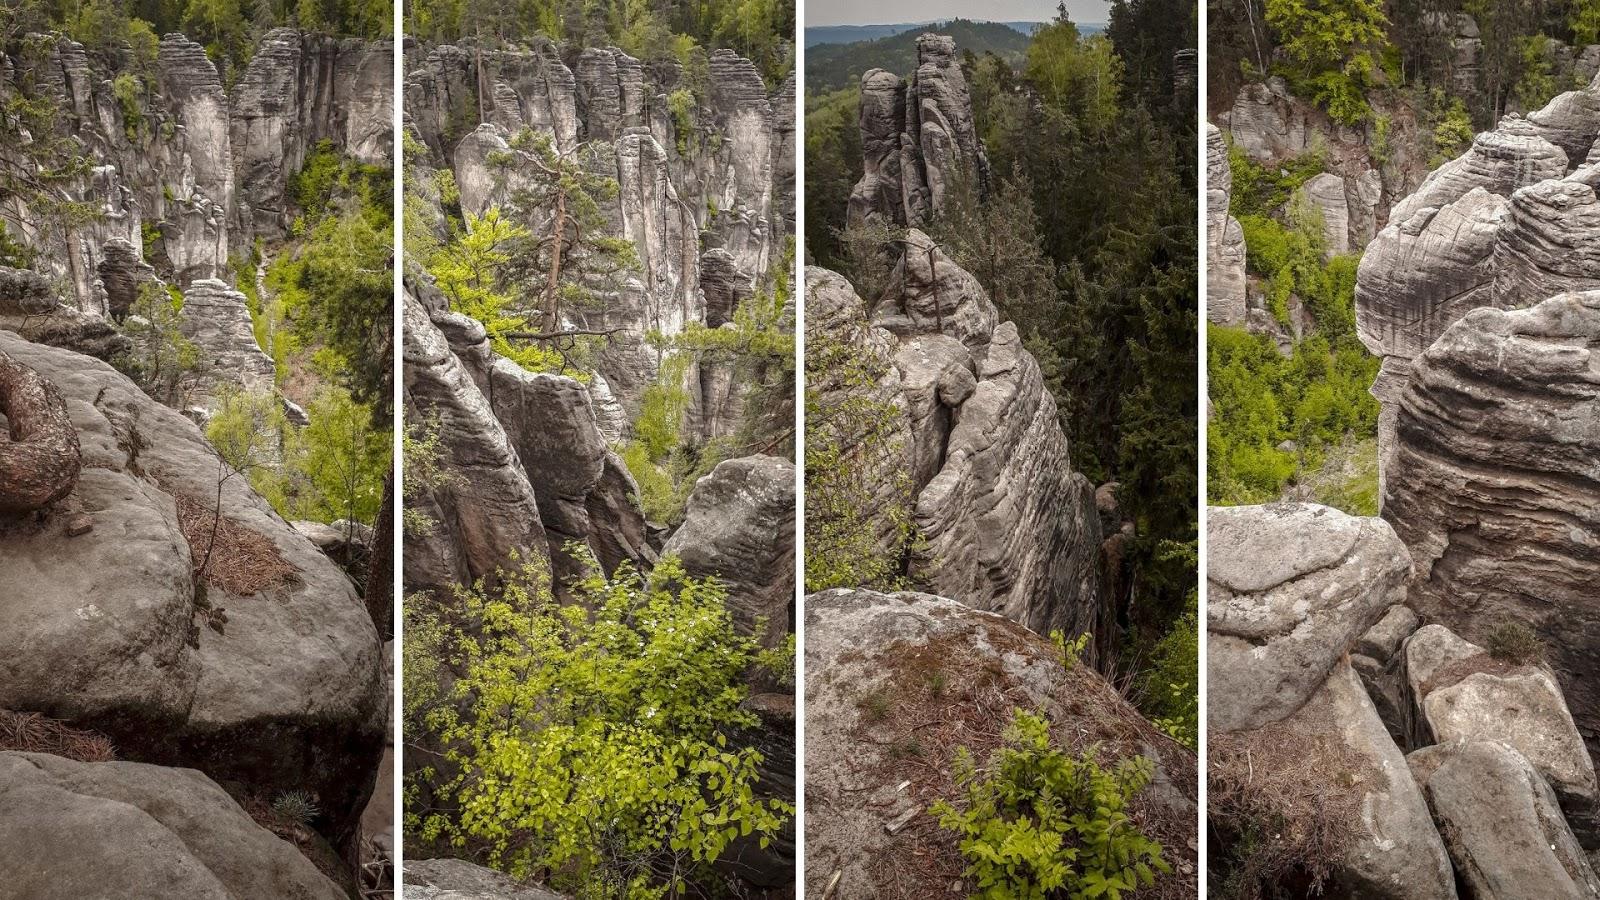 Skalne miasto - Prachowskie skały